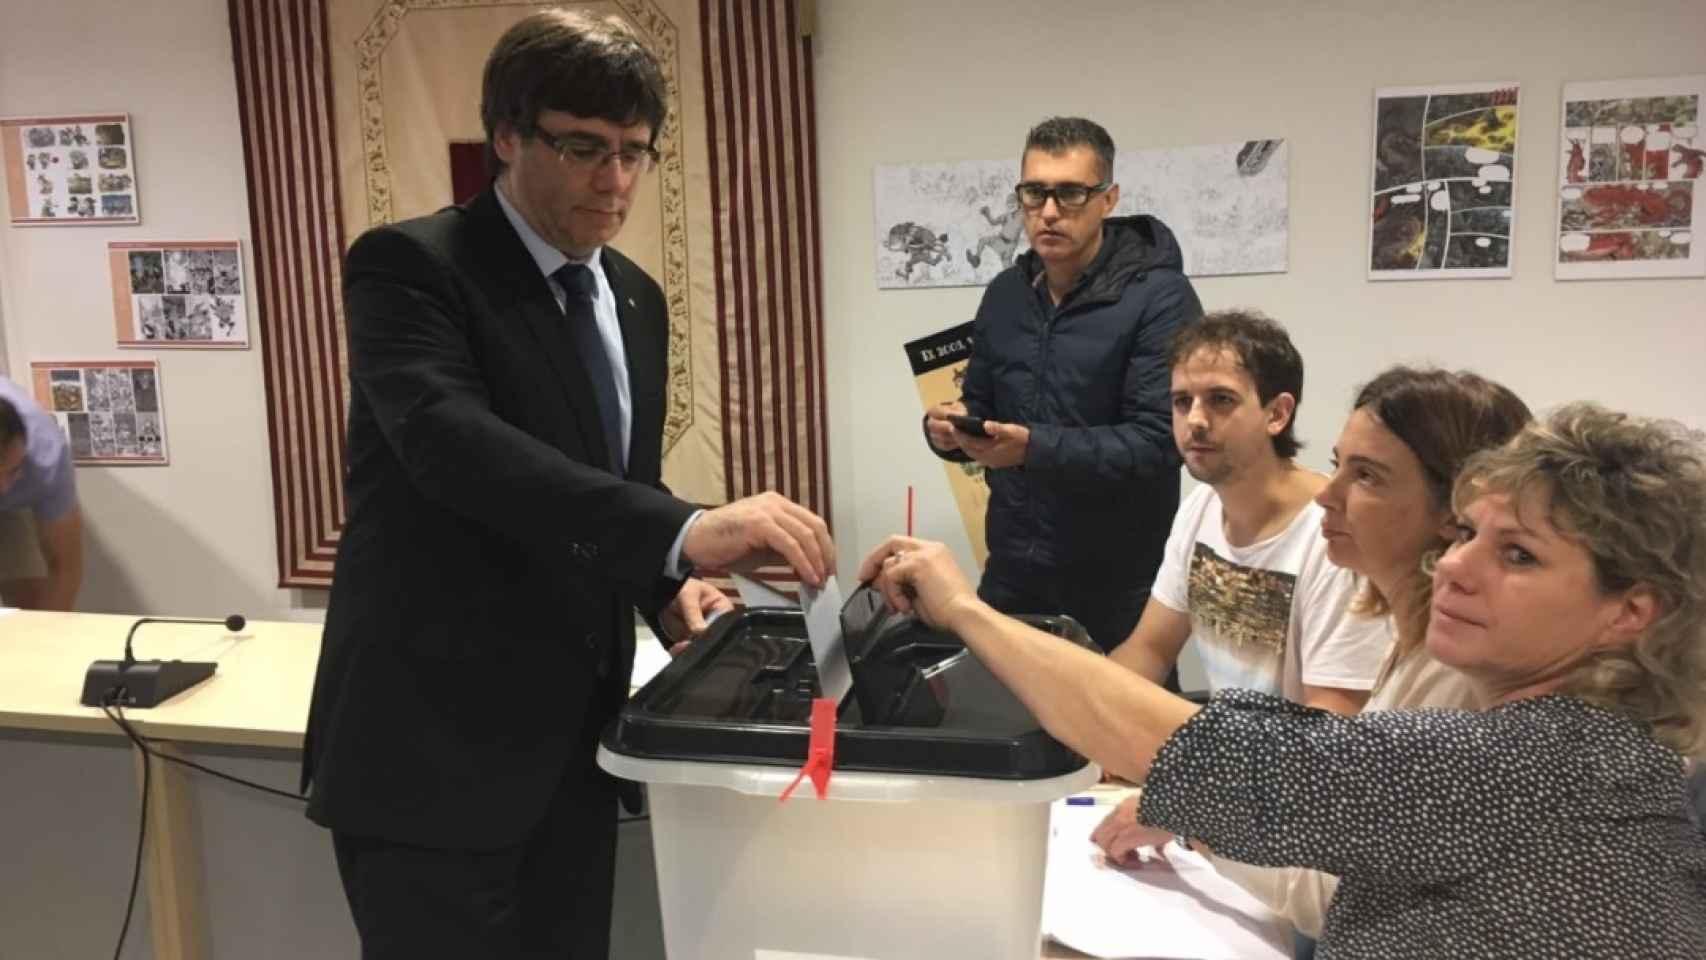 Imagen de Puigdemont votando en un colegio cercano al suyo.